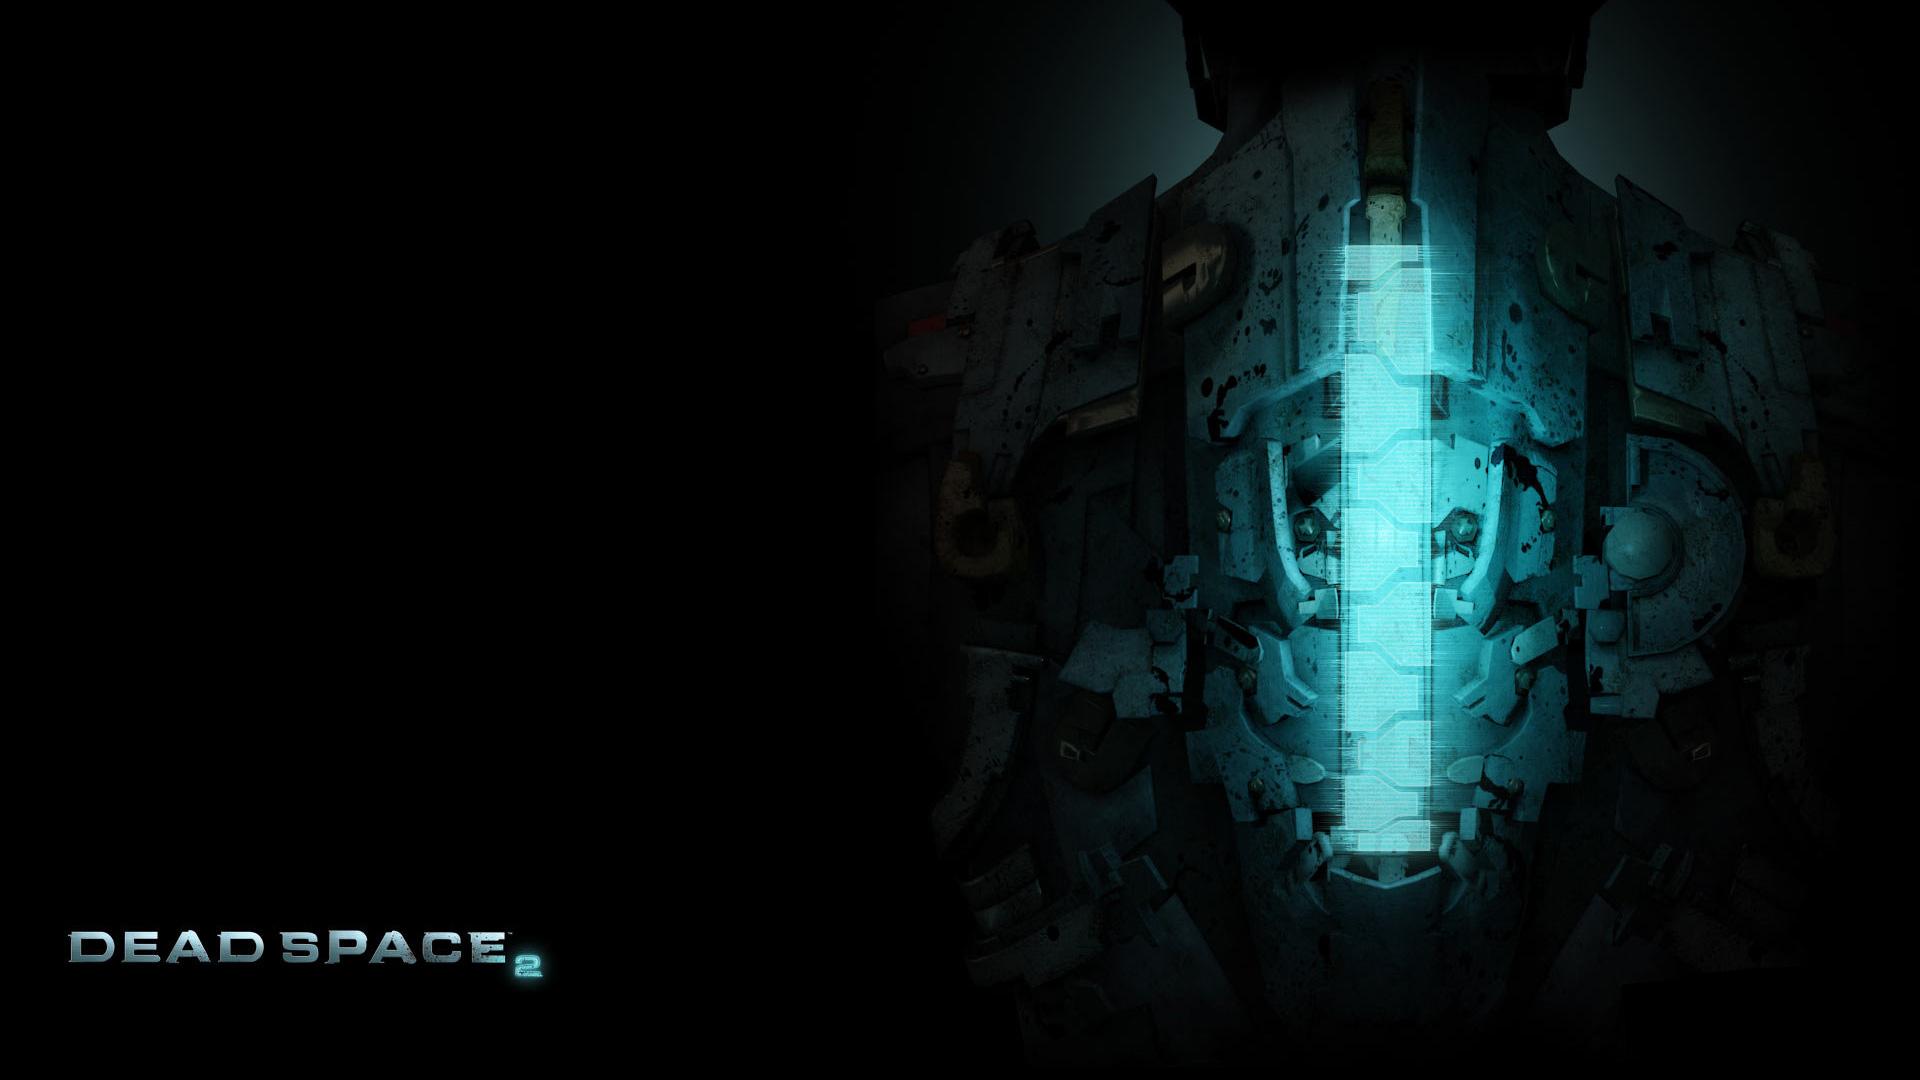 Dead Space 2 wallpaper 6